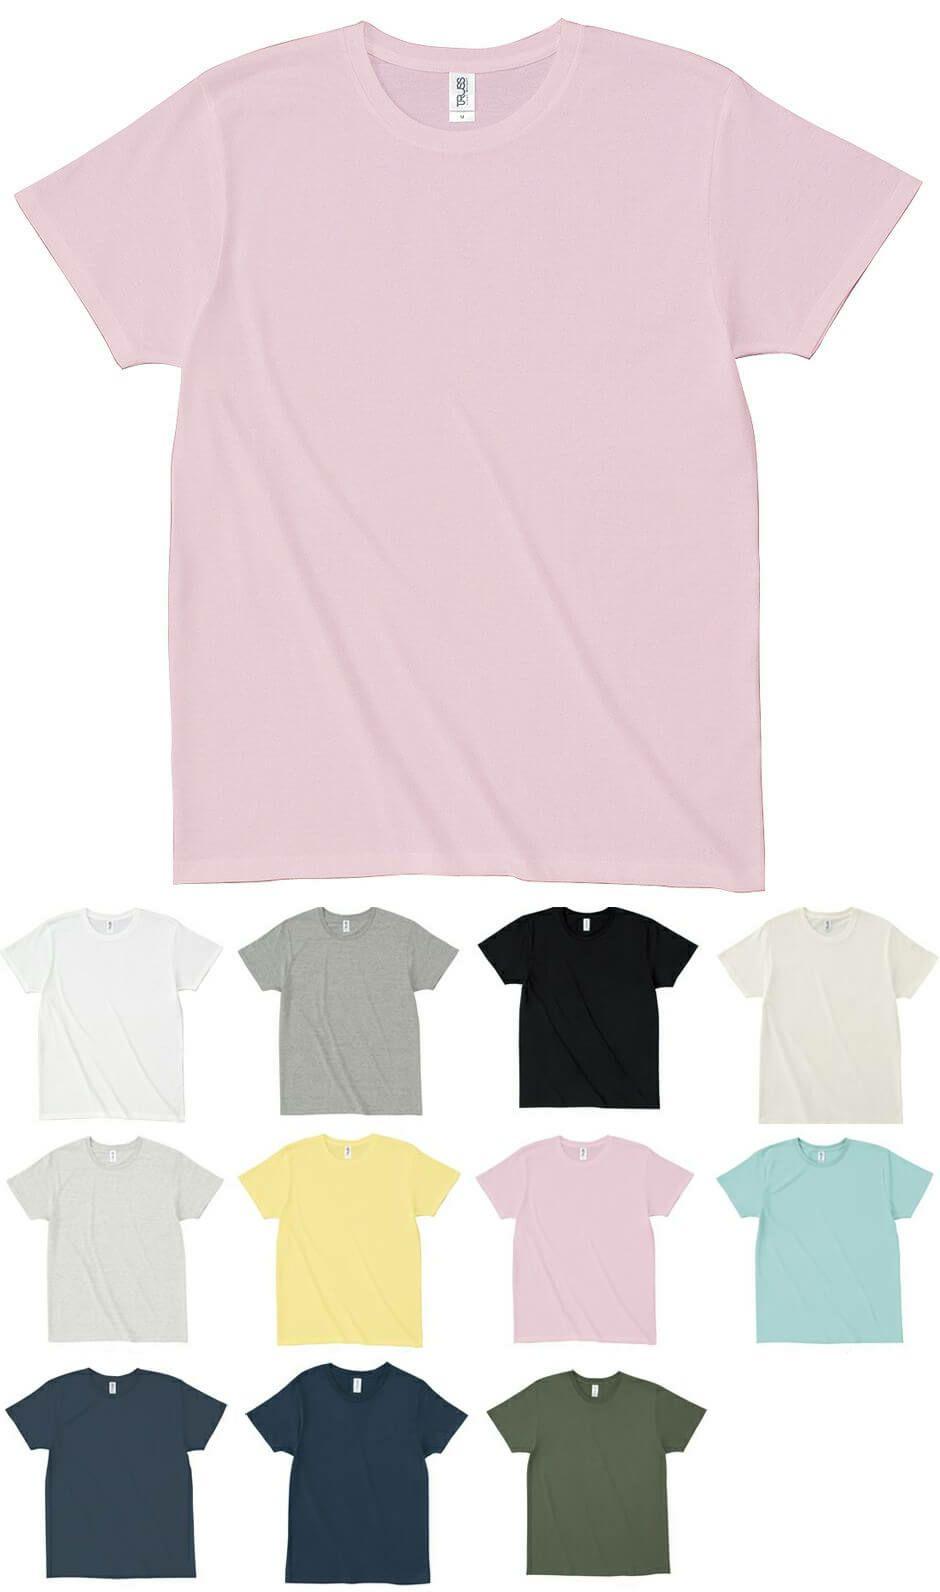 細身でかっこいいおしゃれな半そでTシャツ